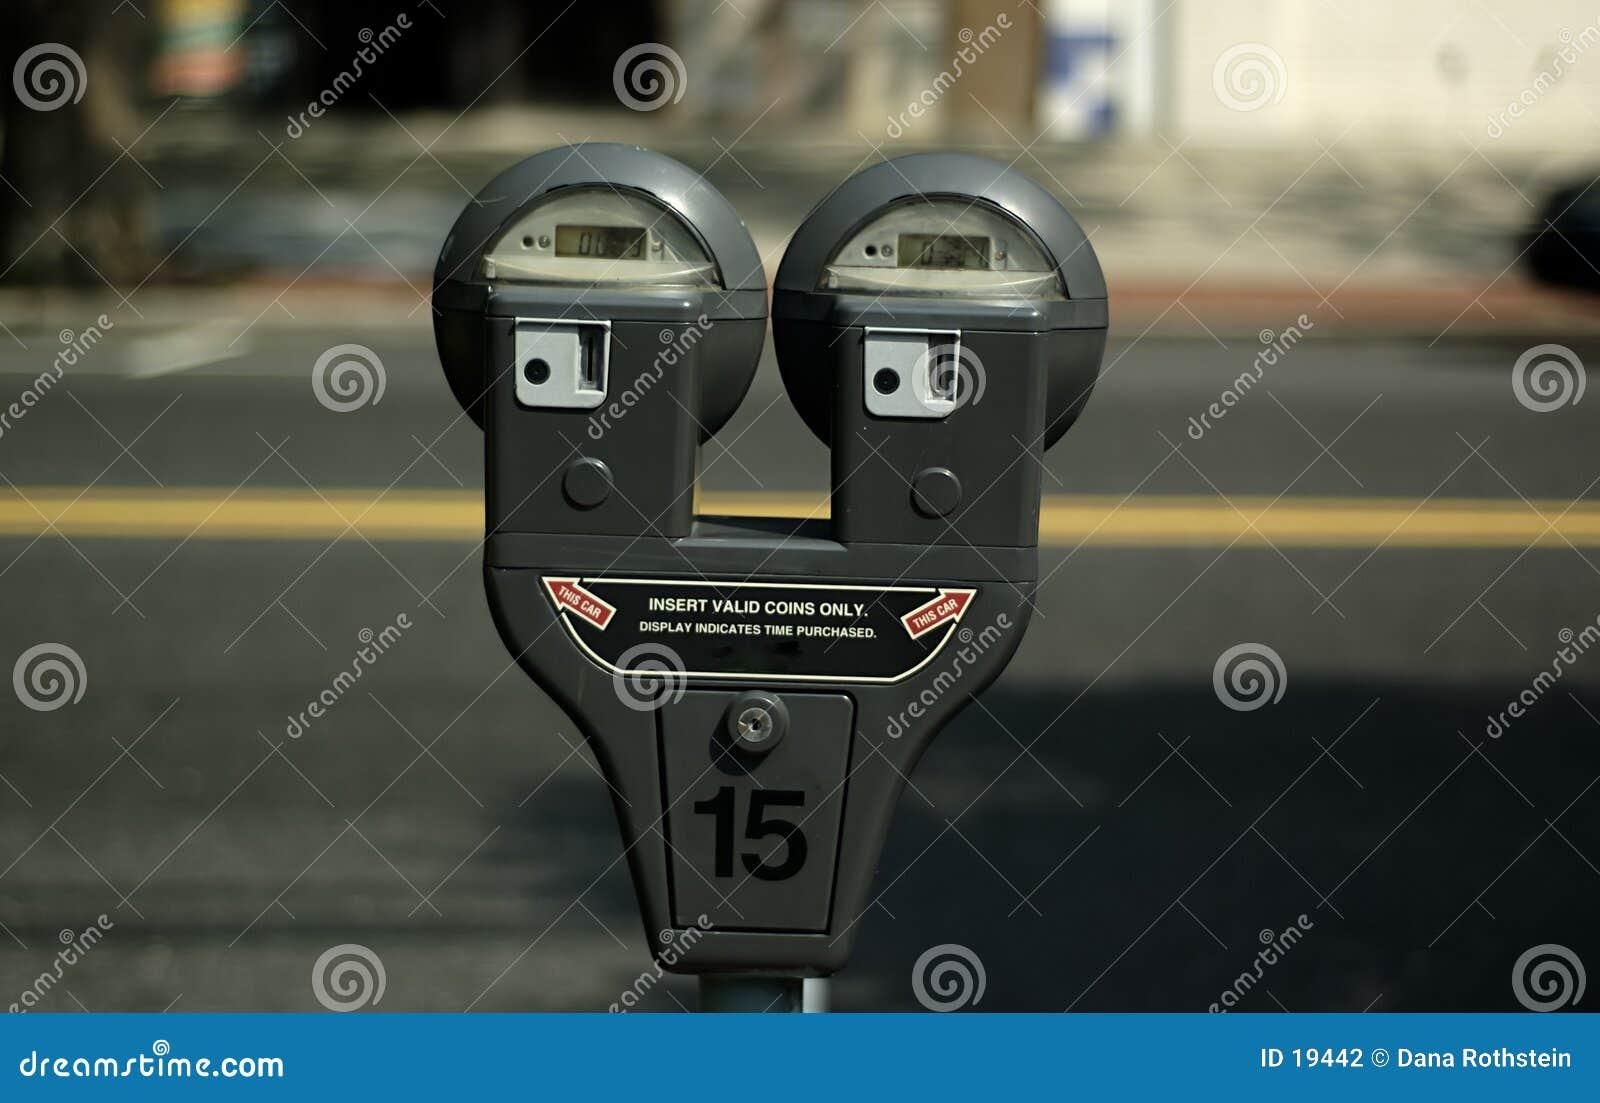 Parken-Messinstrument